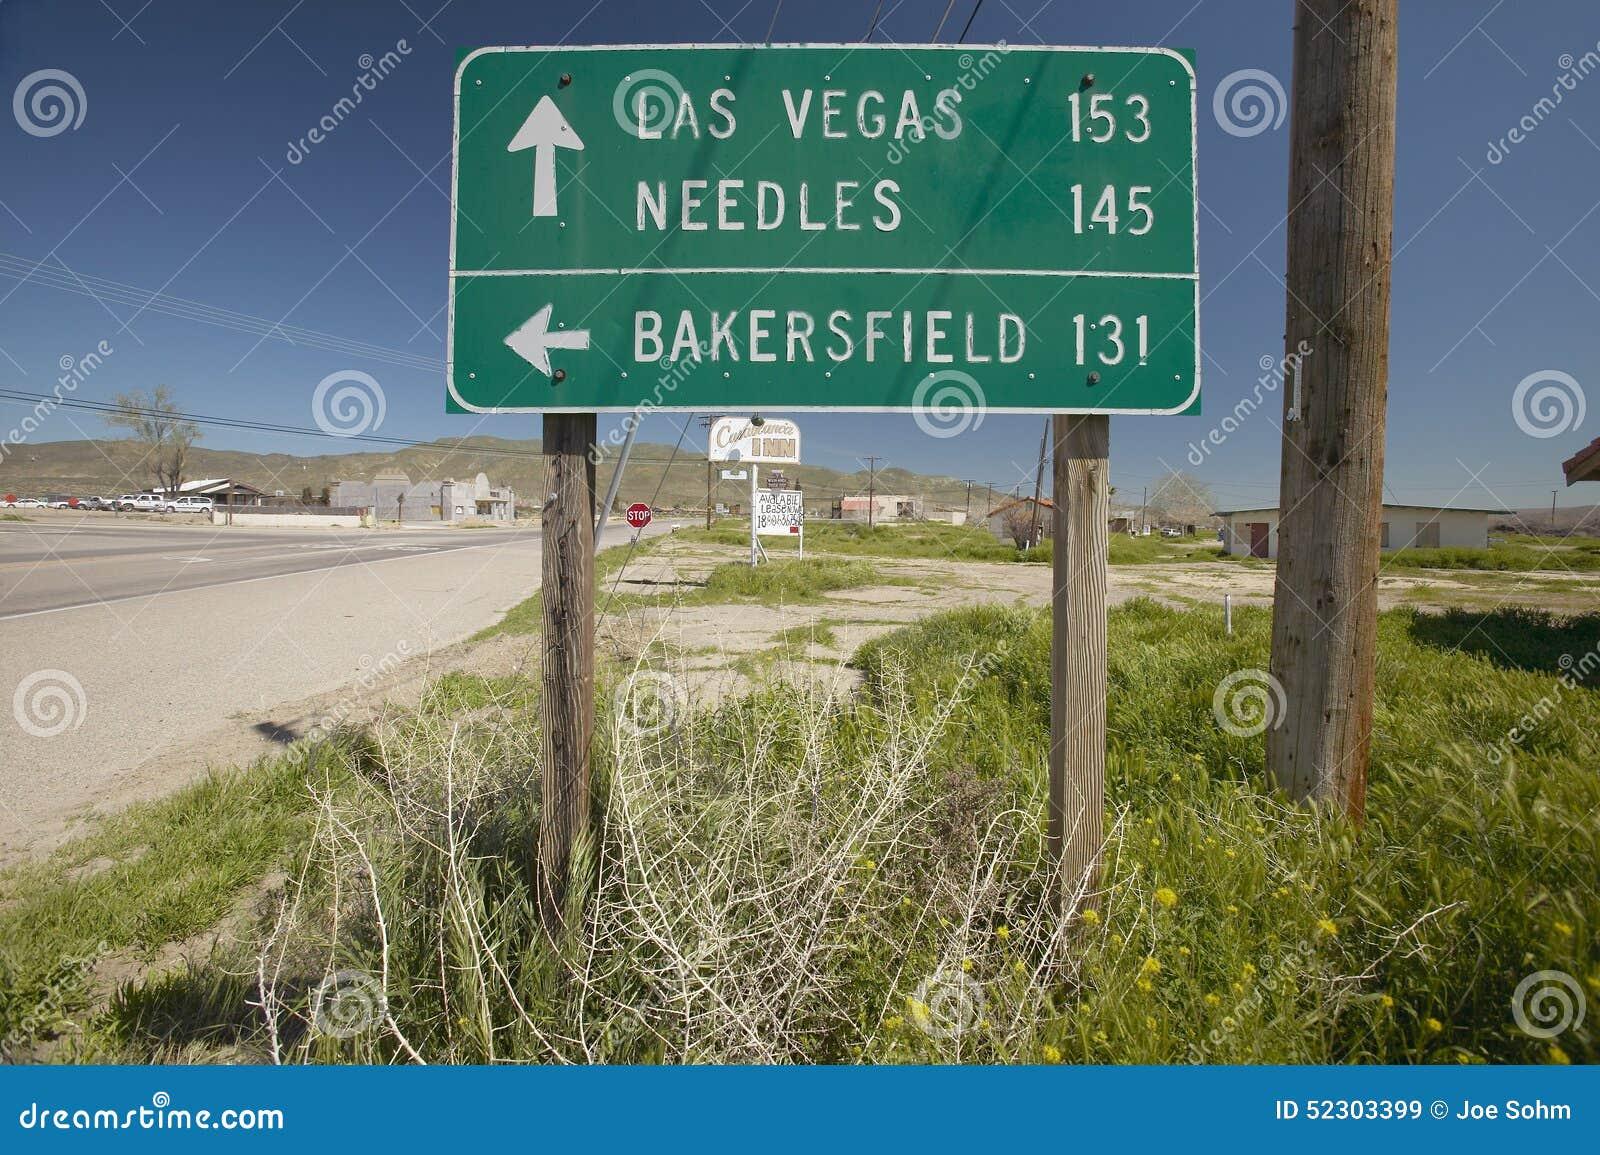 Ένα σημάδι εθνικών οδών που δείχνει το Λας Βέγκας, το Bakersfield και τις βελόνες, ασβέστιο